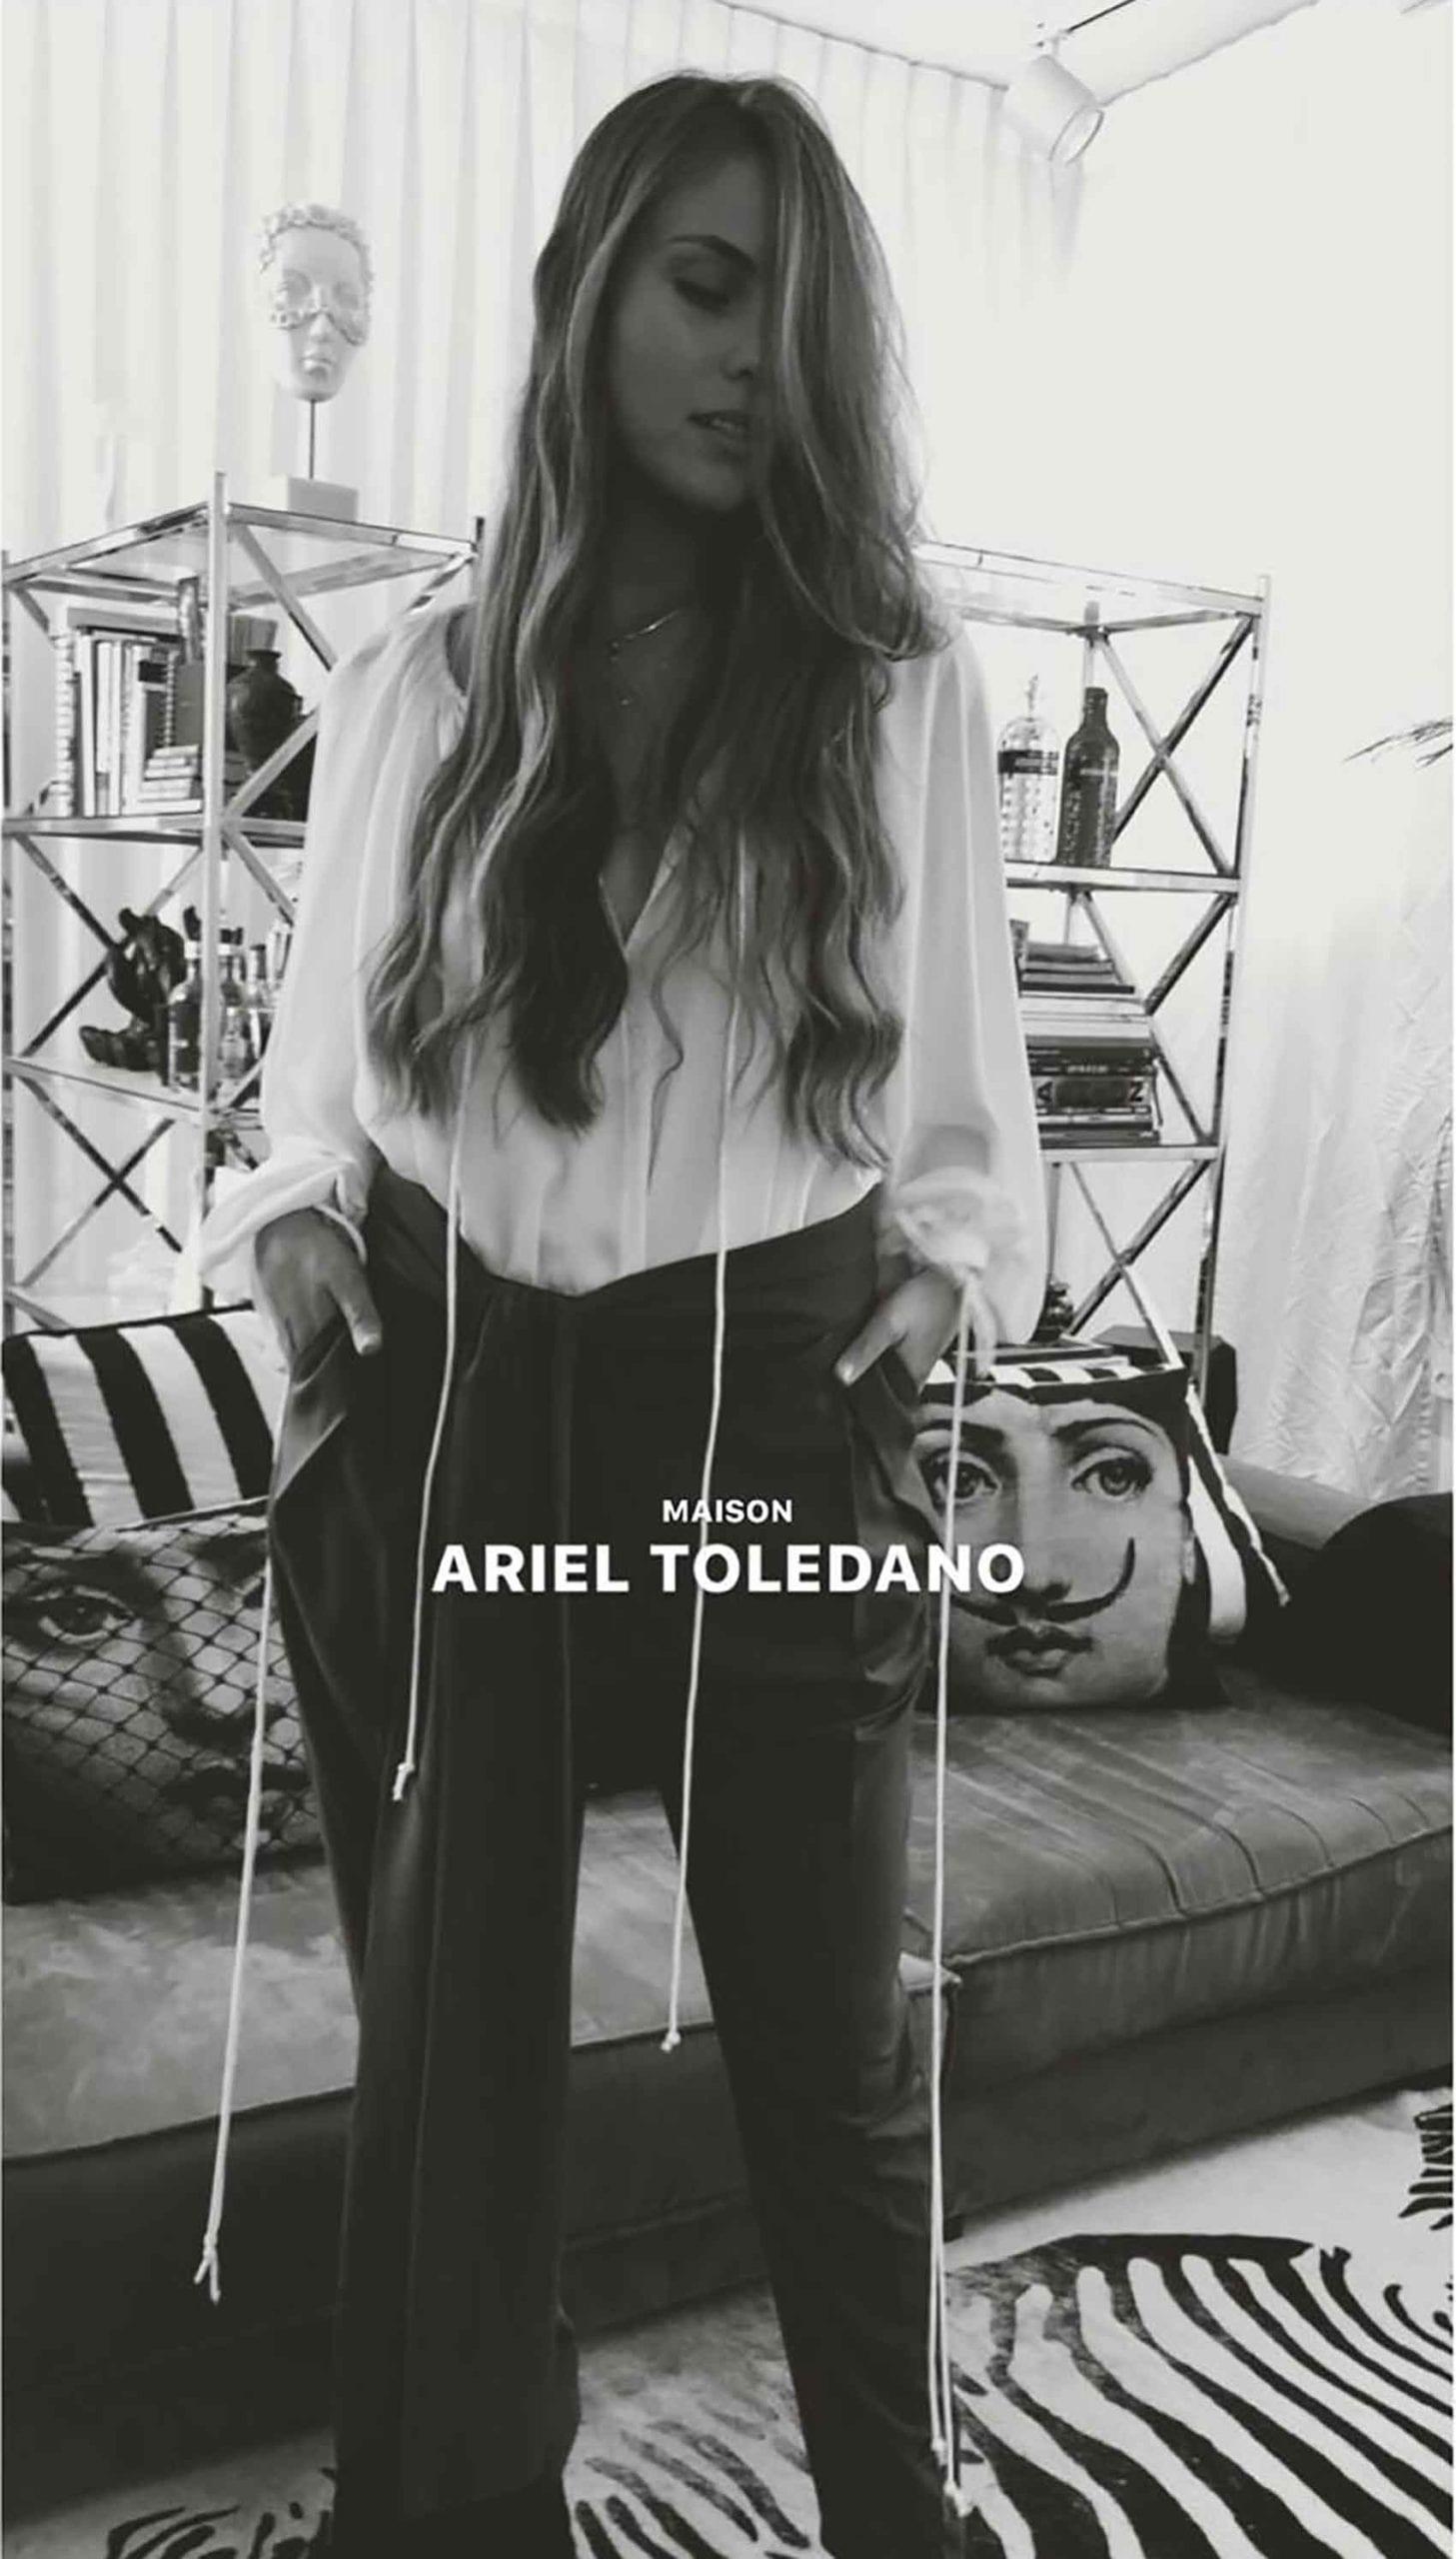 דוגמנית-עמית-מוסקוביץ-אריאל-טולדנו-מגזין-אופנה-98